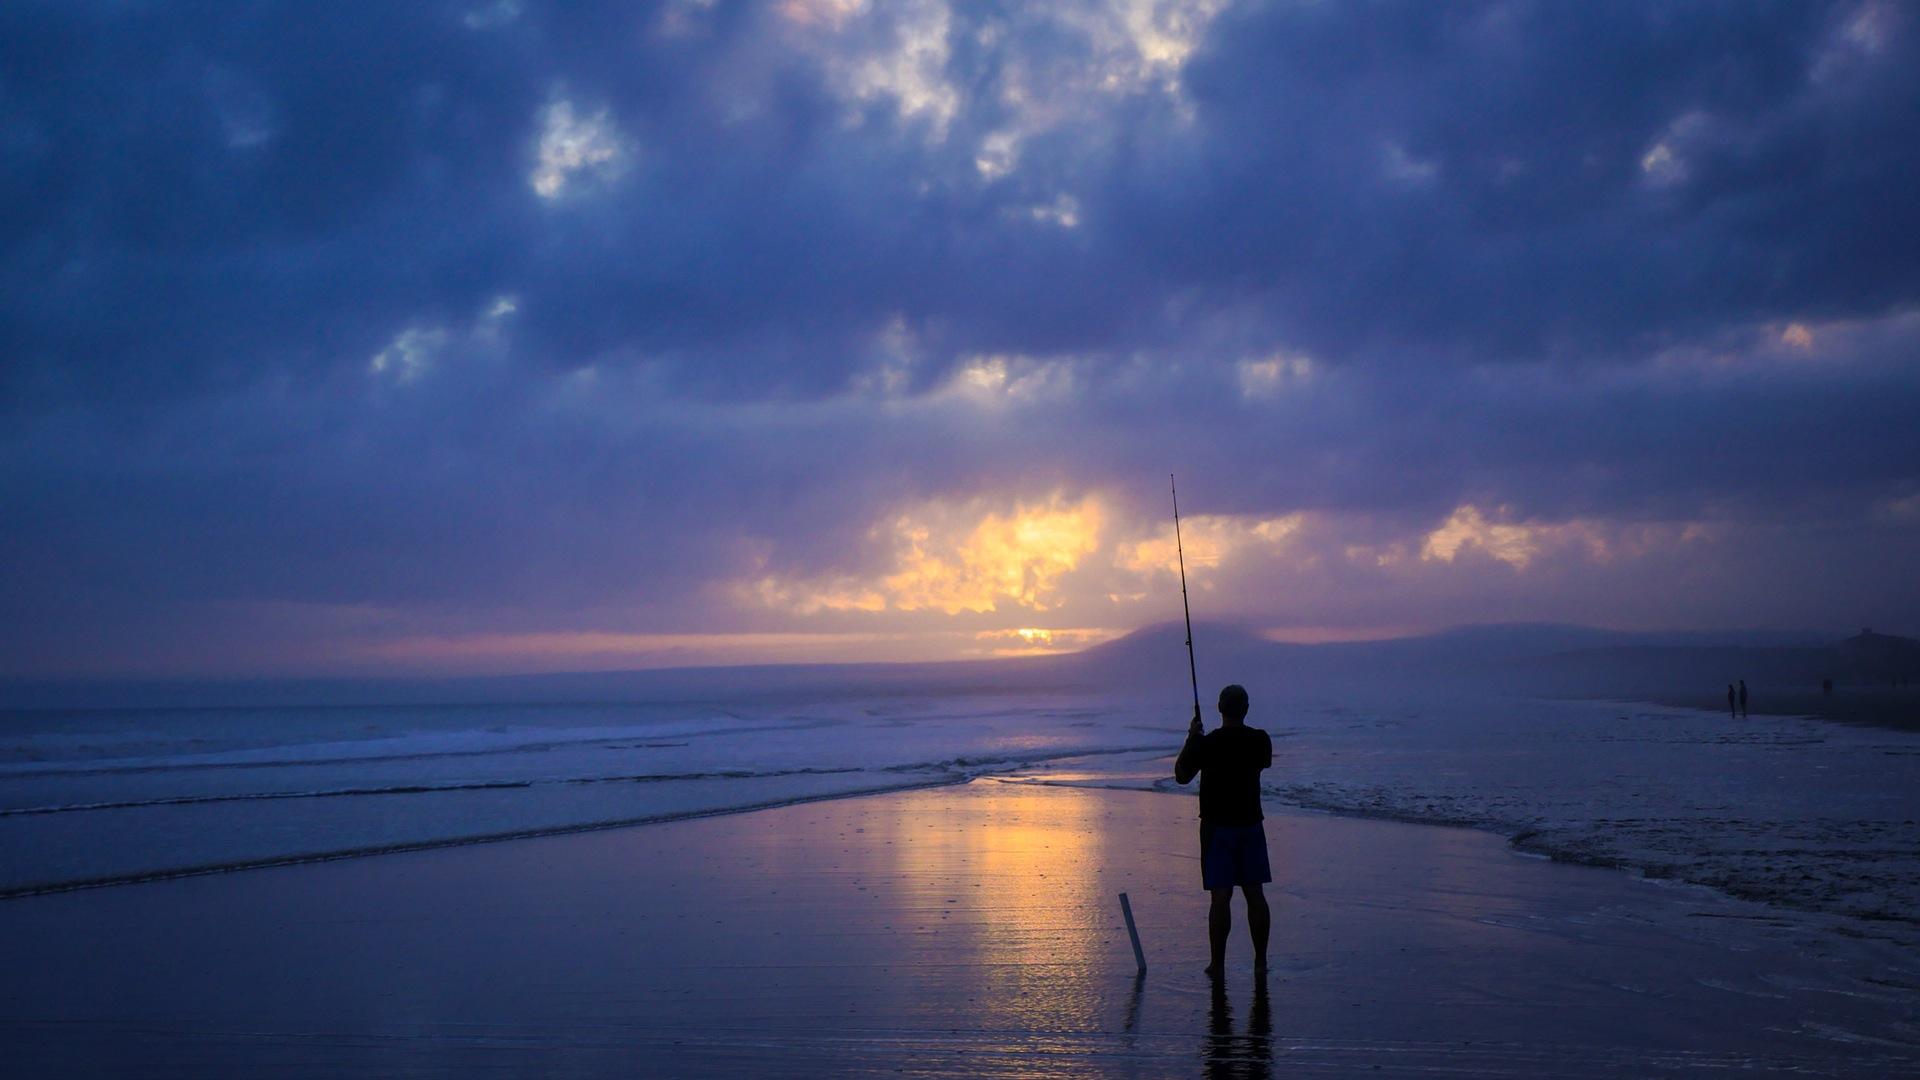 男, 釣り, 海, 空, 雲 - HD の壁紙 - 教授-falken.com